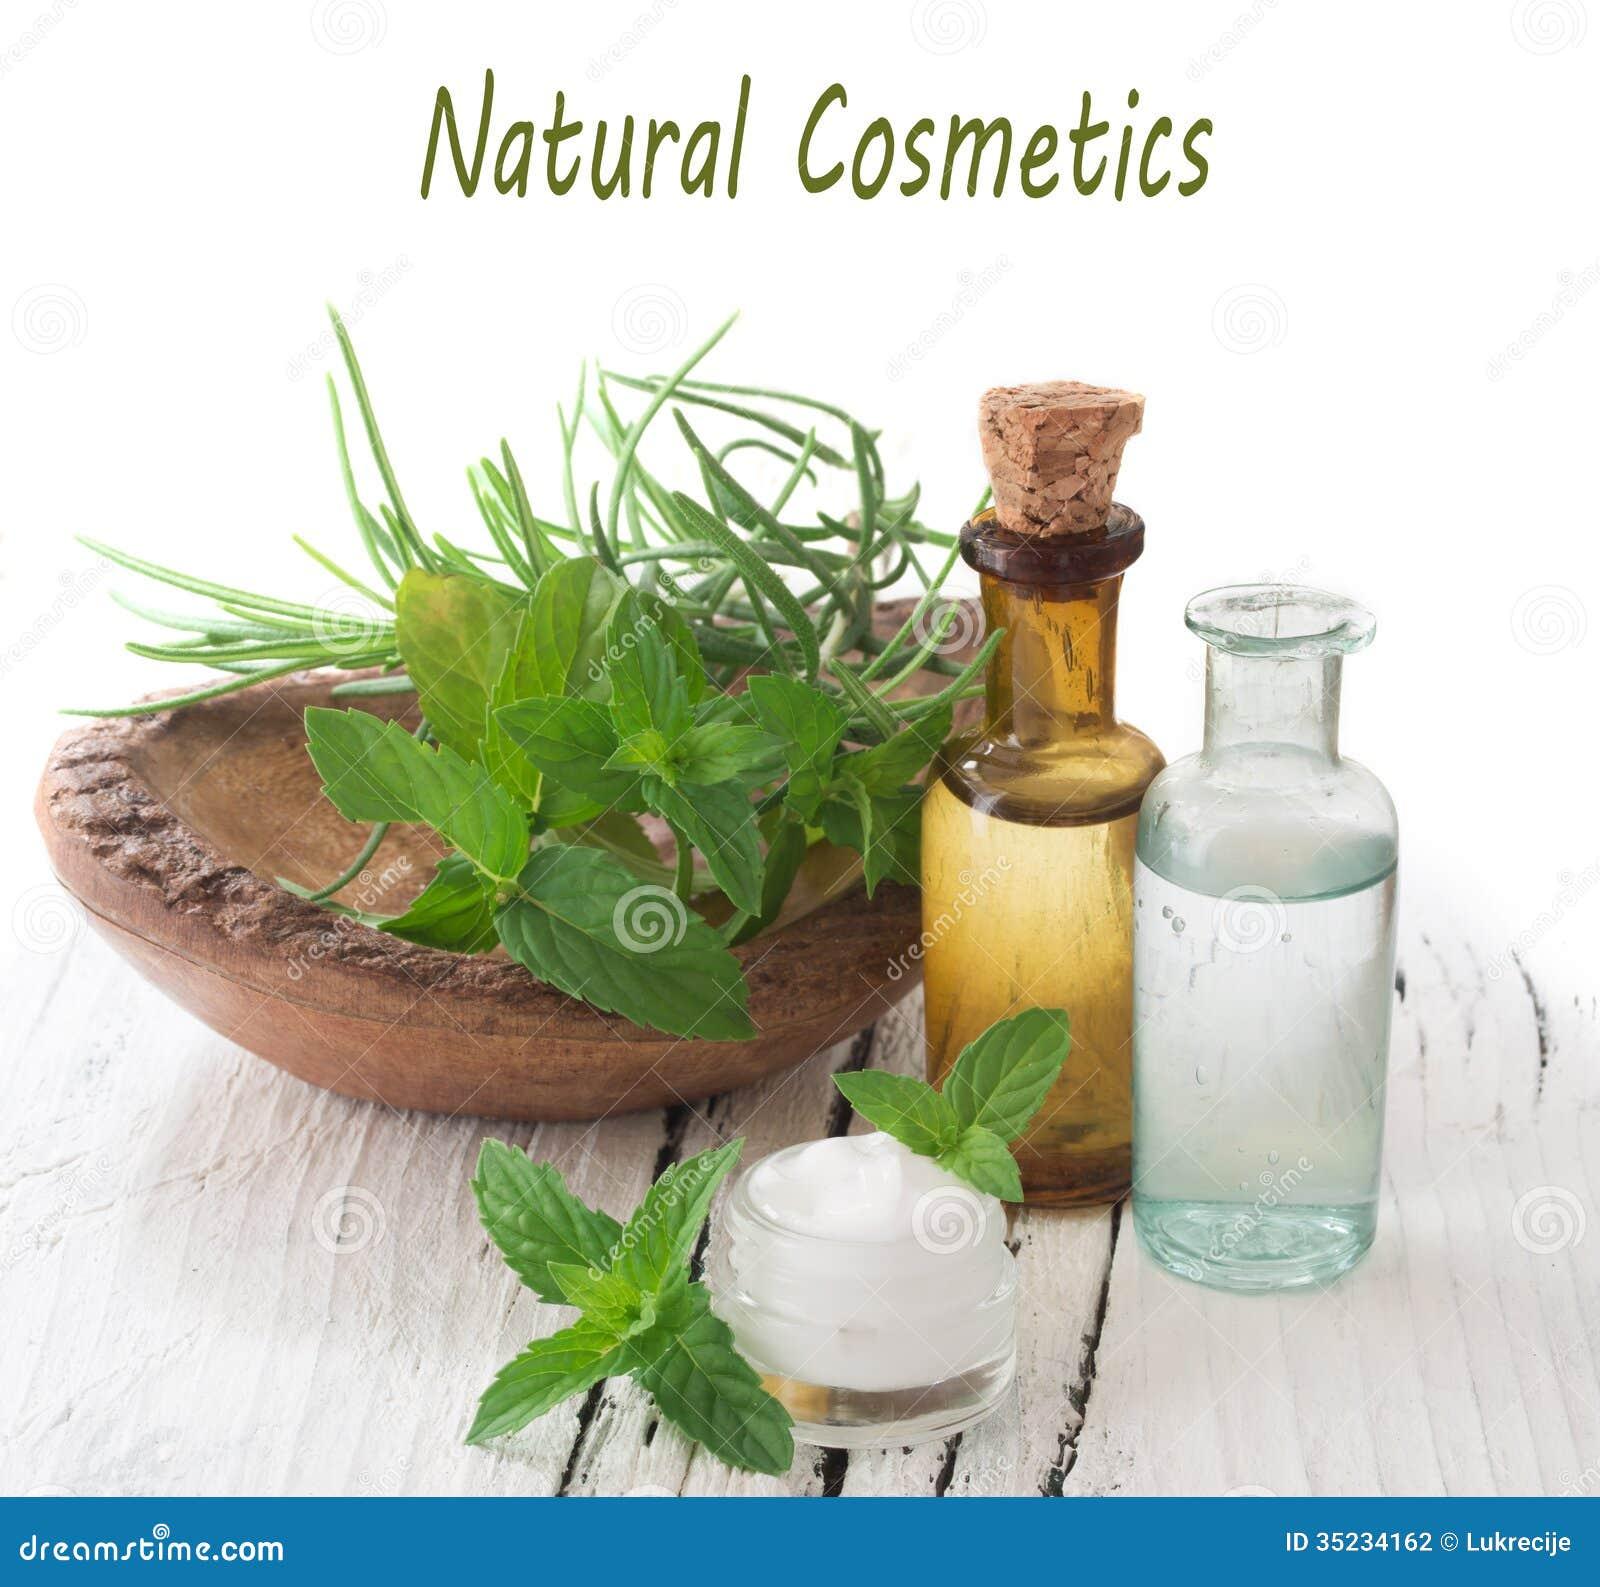 herbal cosmetics Herbal cosmetics 654 likes skupina mojherbiosi zate preizkuša izdelke in poslovne priložnosti  pridruži se nam in bodi na tekočem o kozmetičnih  te zanimajo.